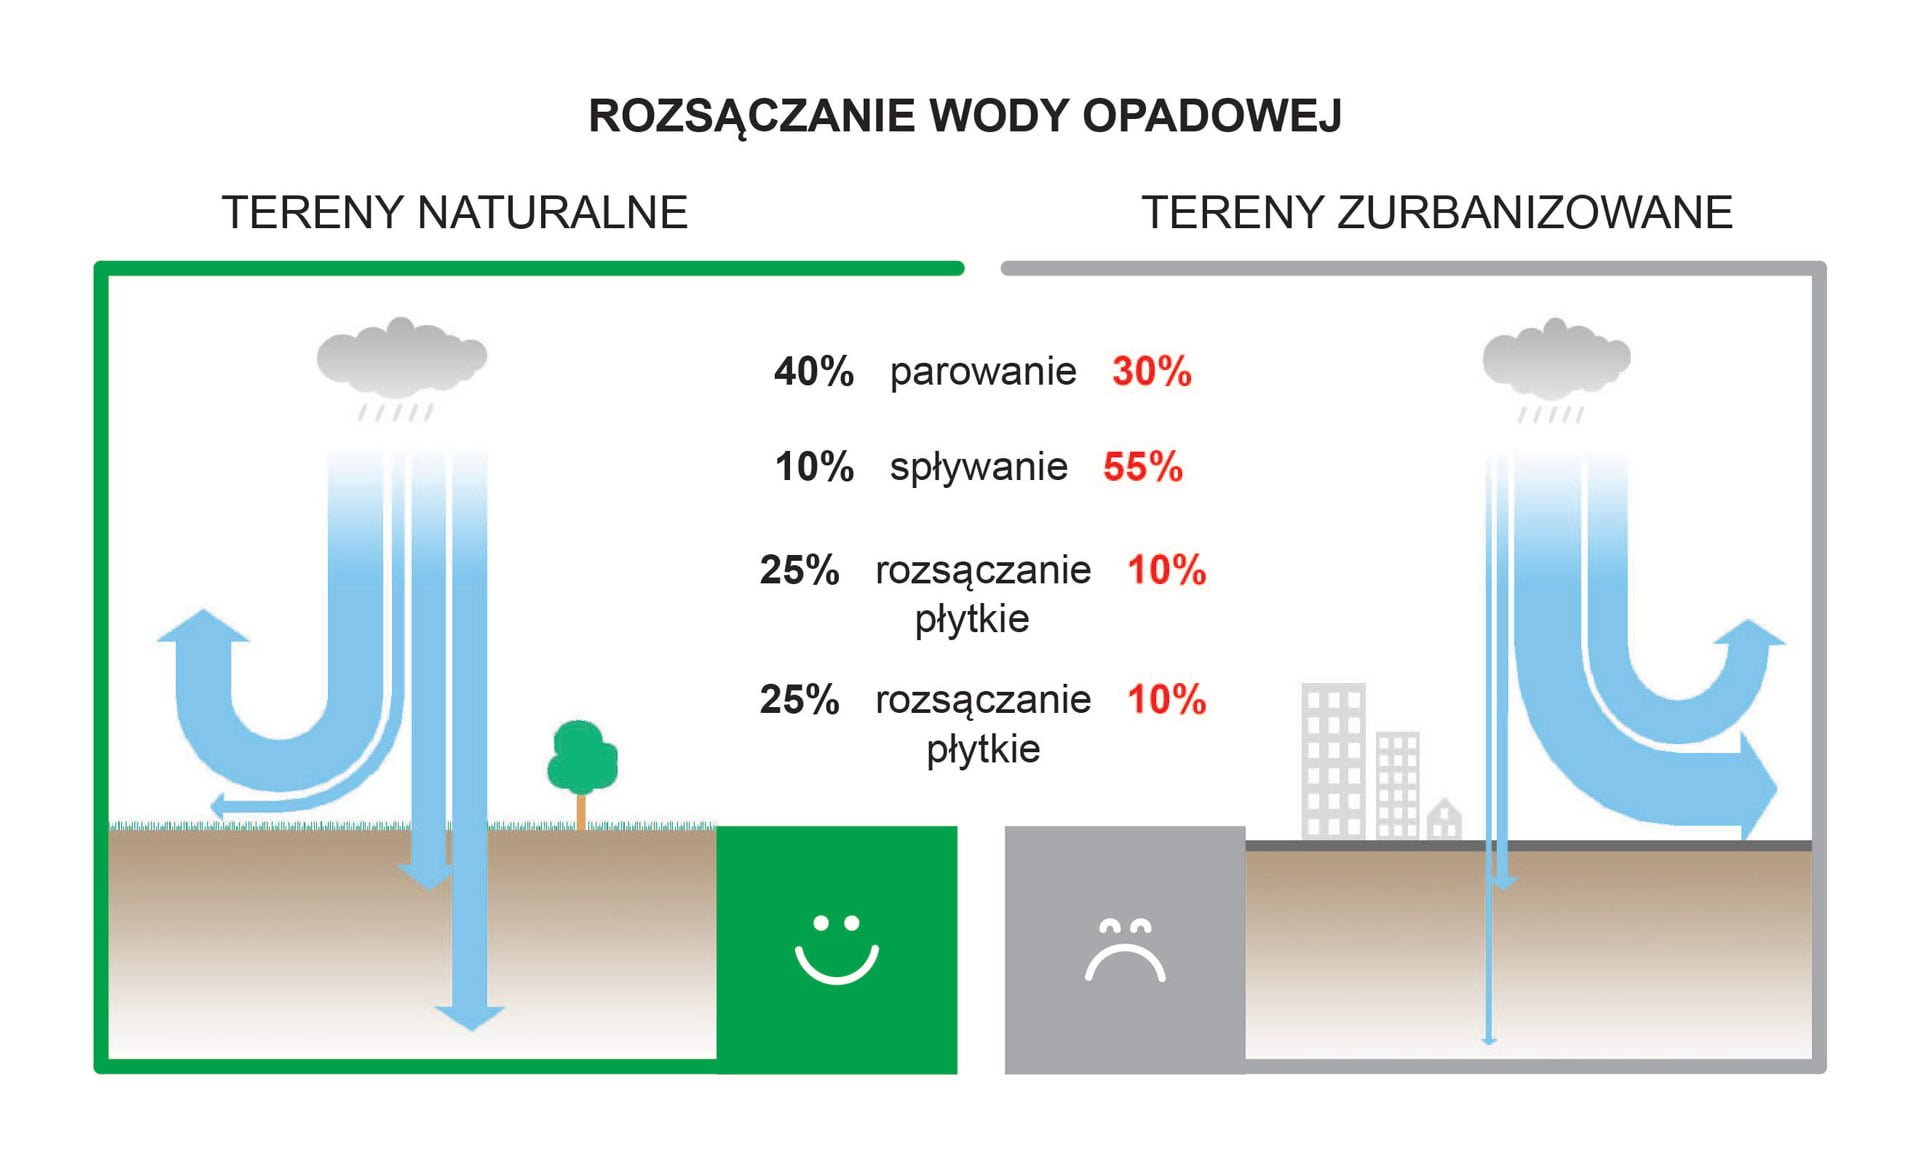 Rozkład rozsączania wody opadowej wterenie zurbanizowanym